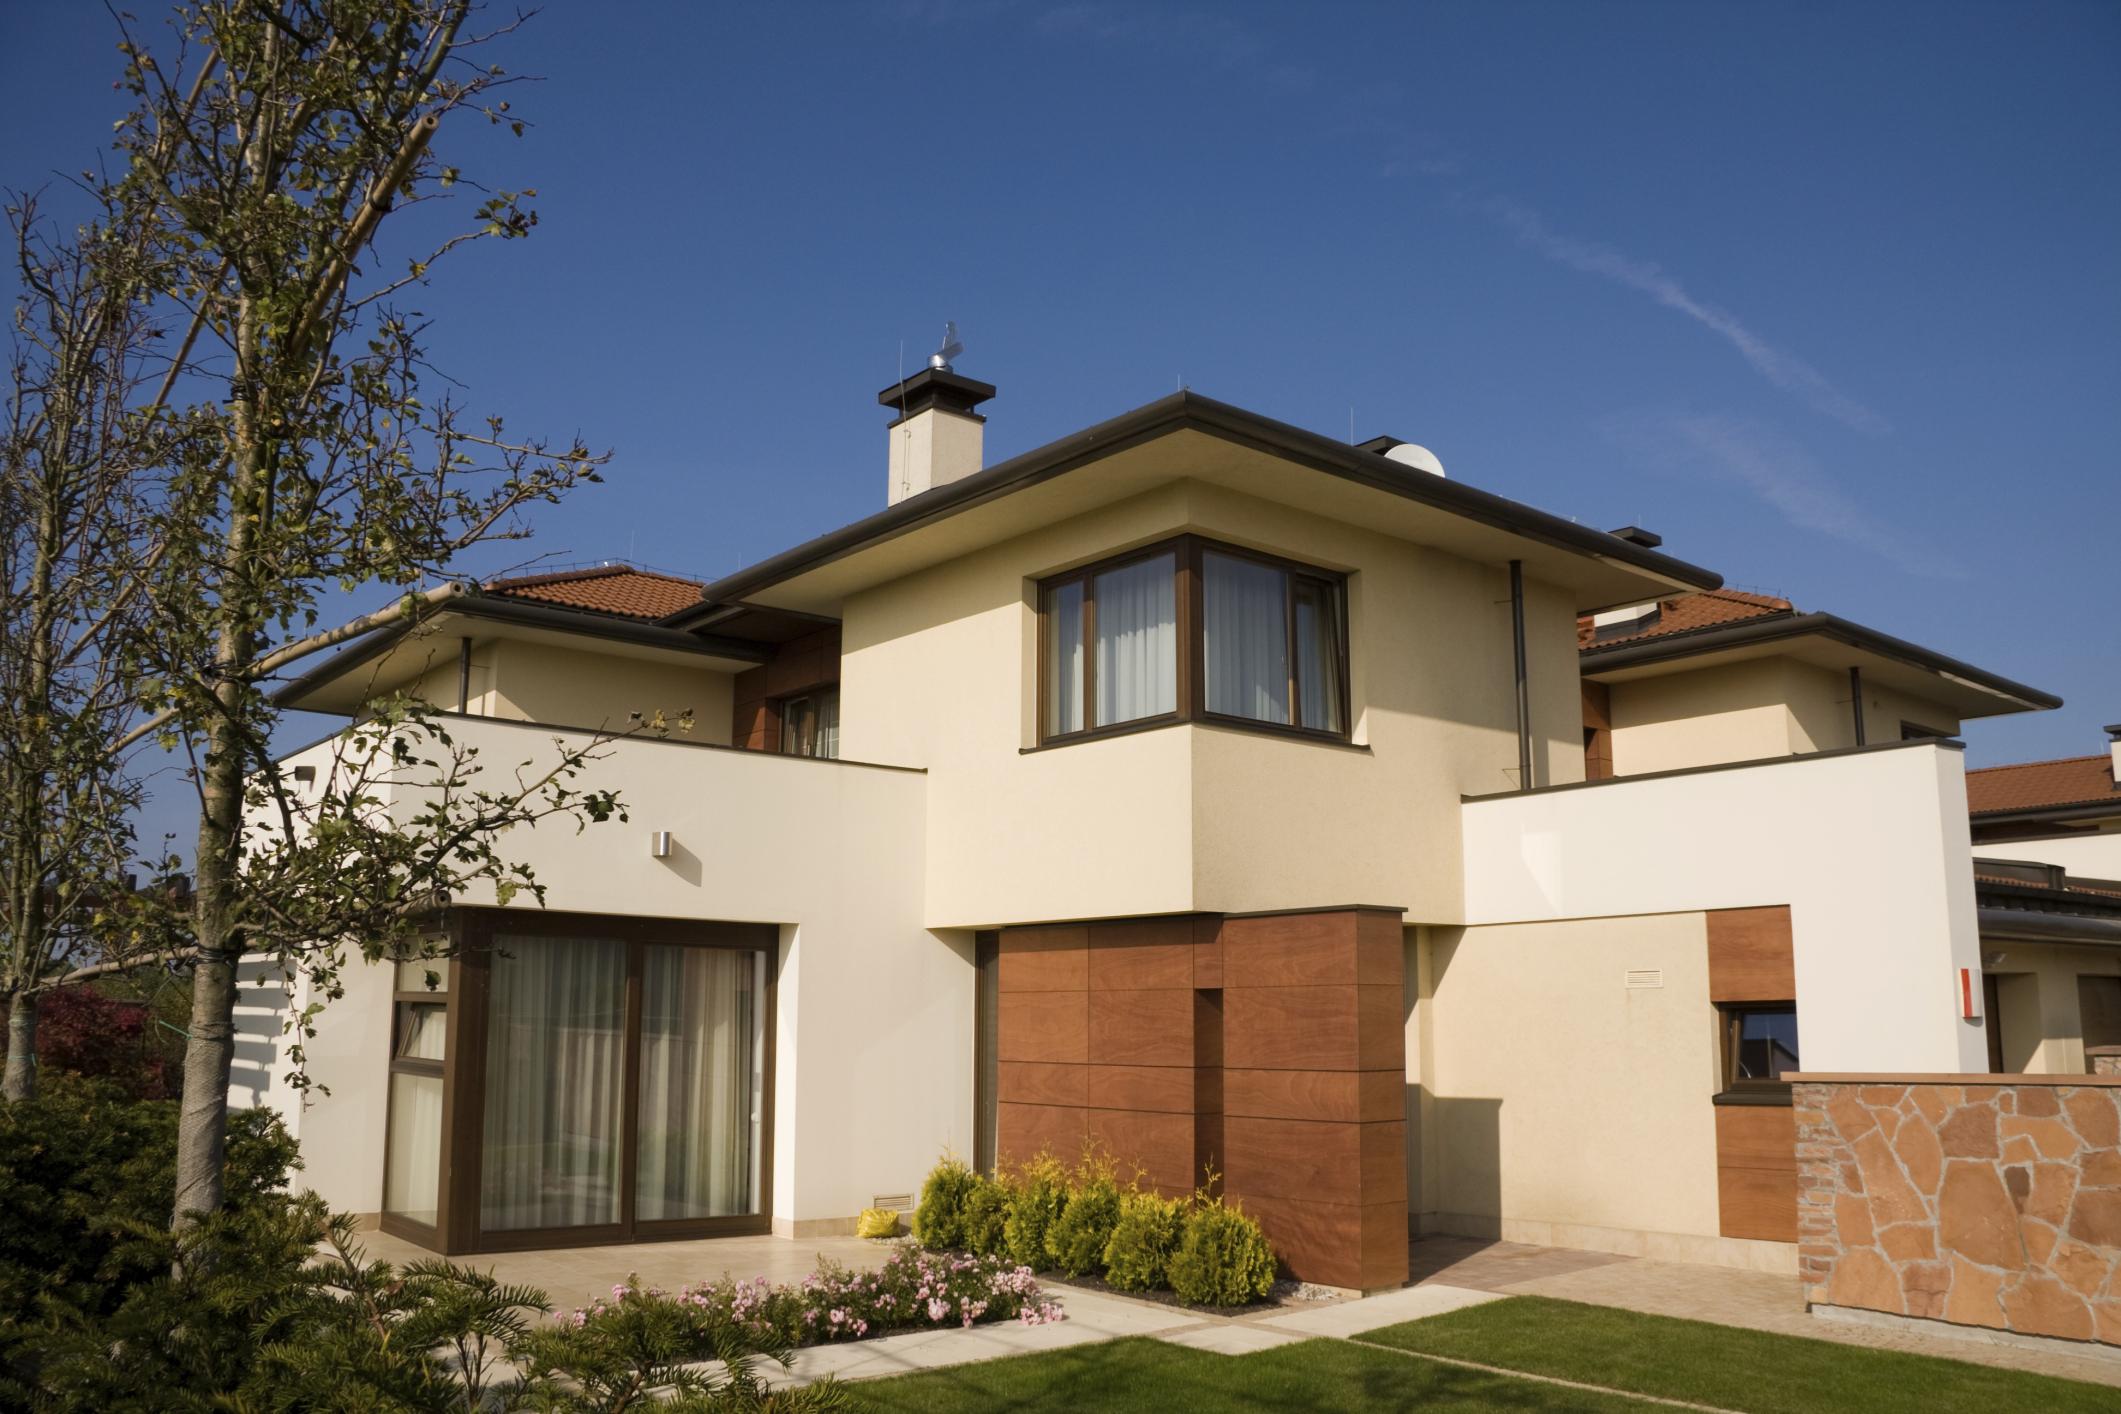 24 fotos de fachadas de casas modernas planos y fachadas for Casas para exteriores